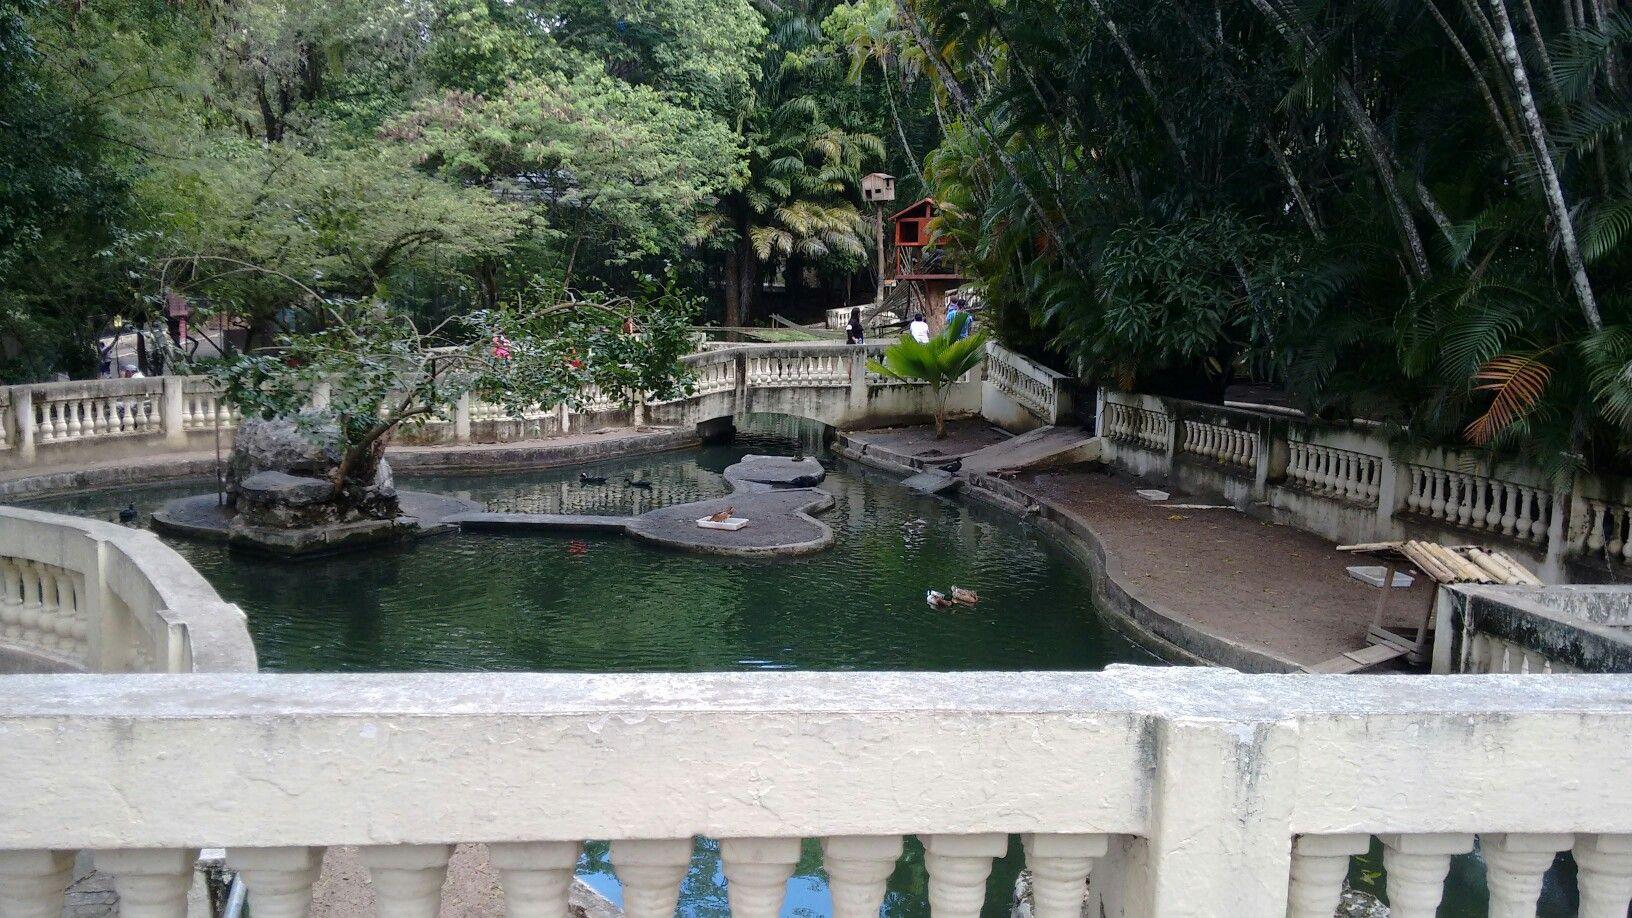 O Parque Zoobotânico Arruda Câmara é um jardim zoobotânico localizado em João Pessoa, Paraíba.